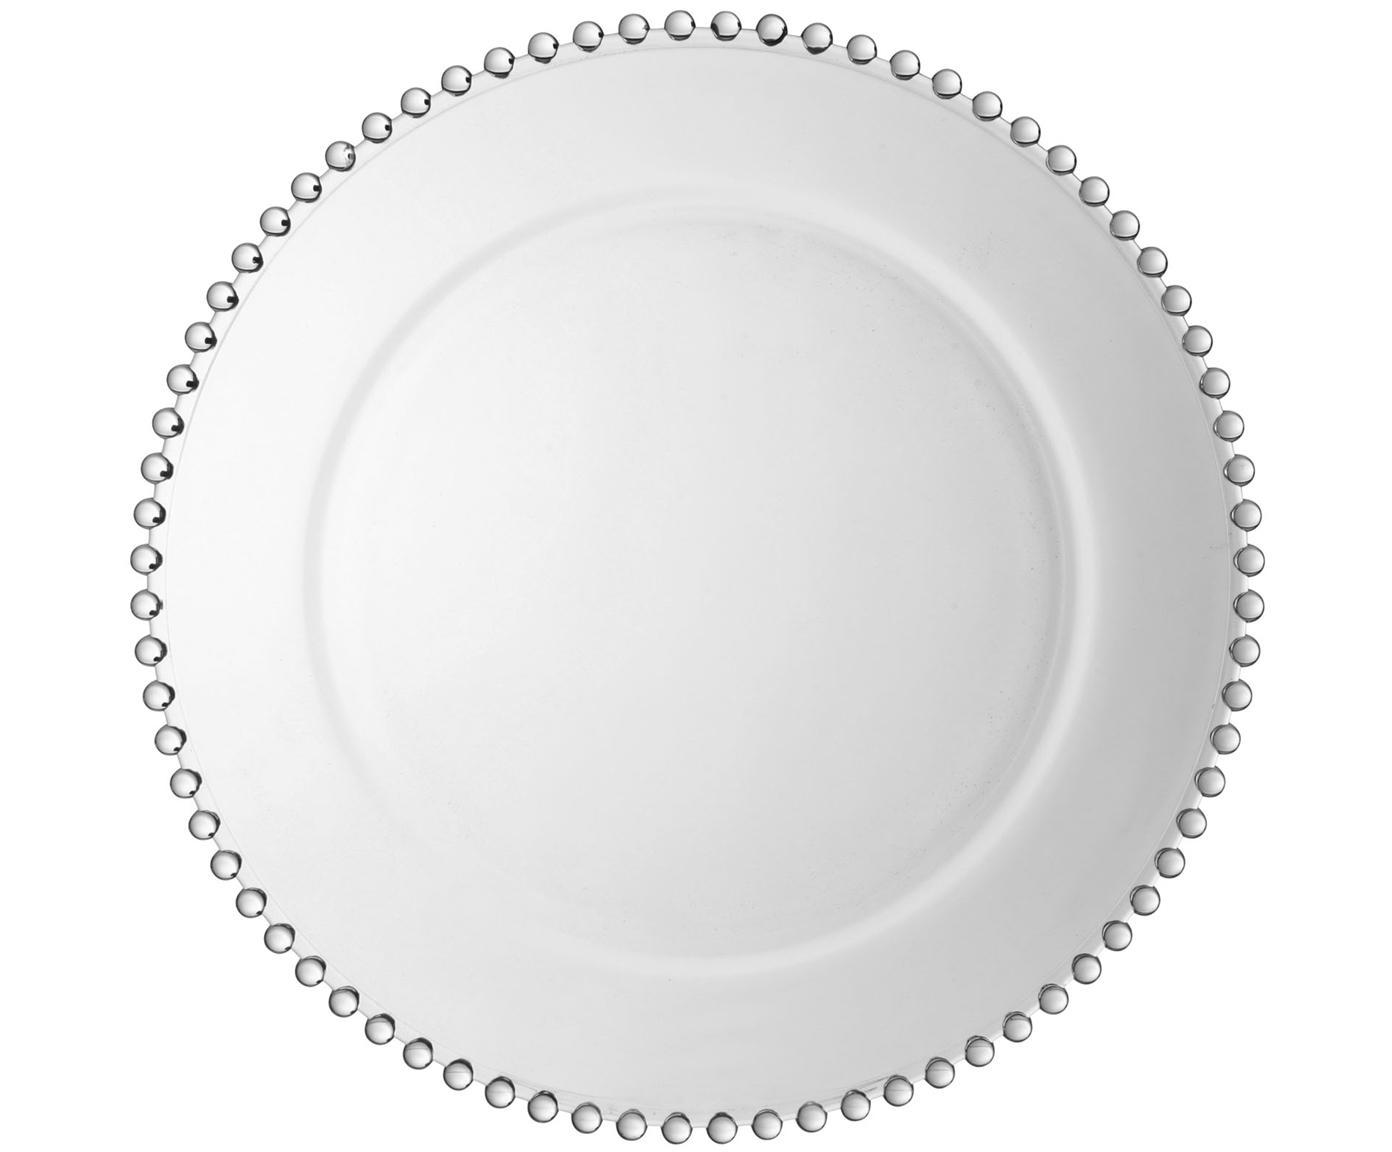 Sottopiatto Perles, Vetro, Trasparente, Ø 33 cm